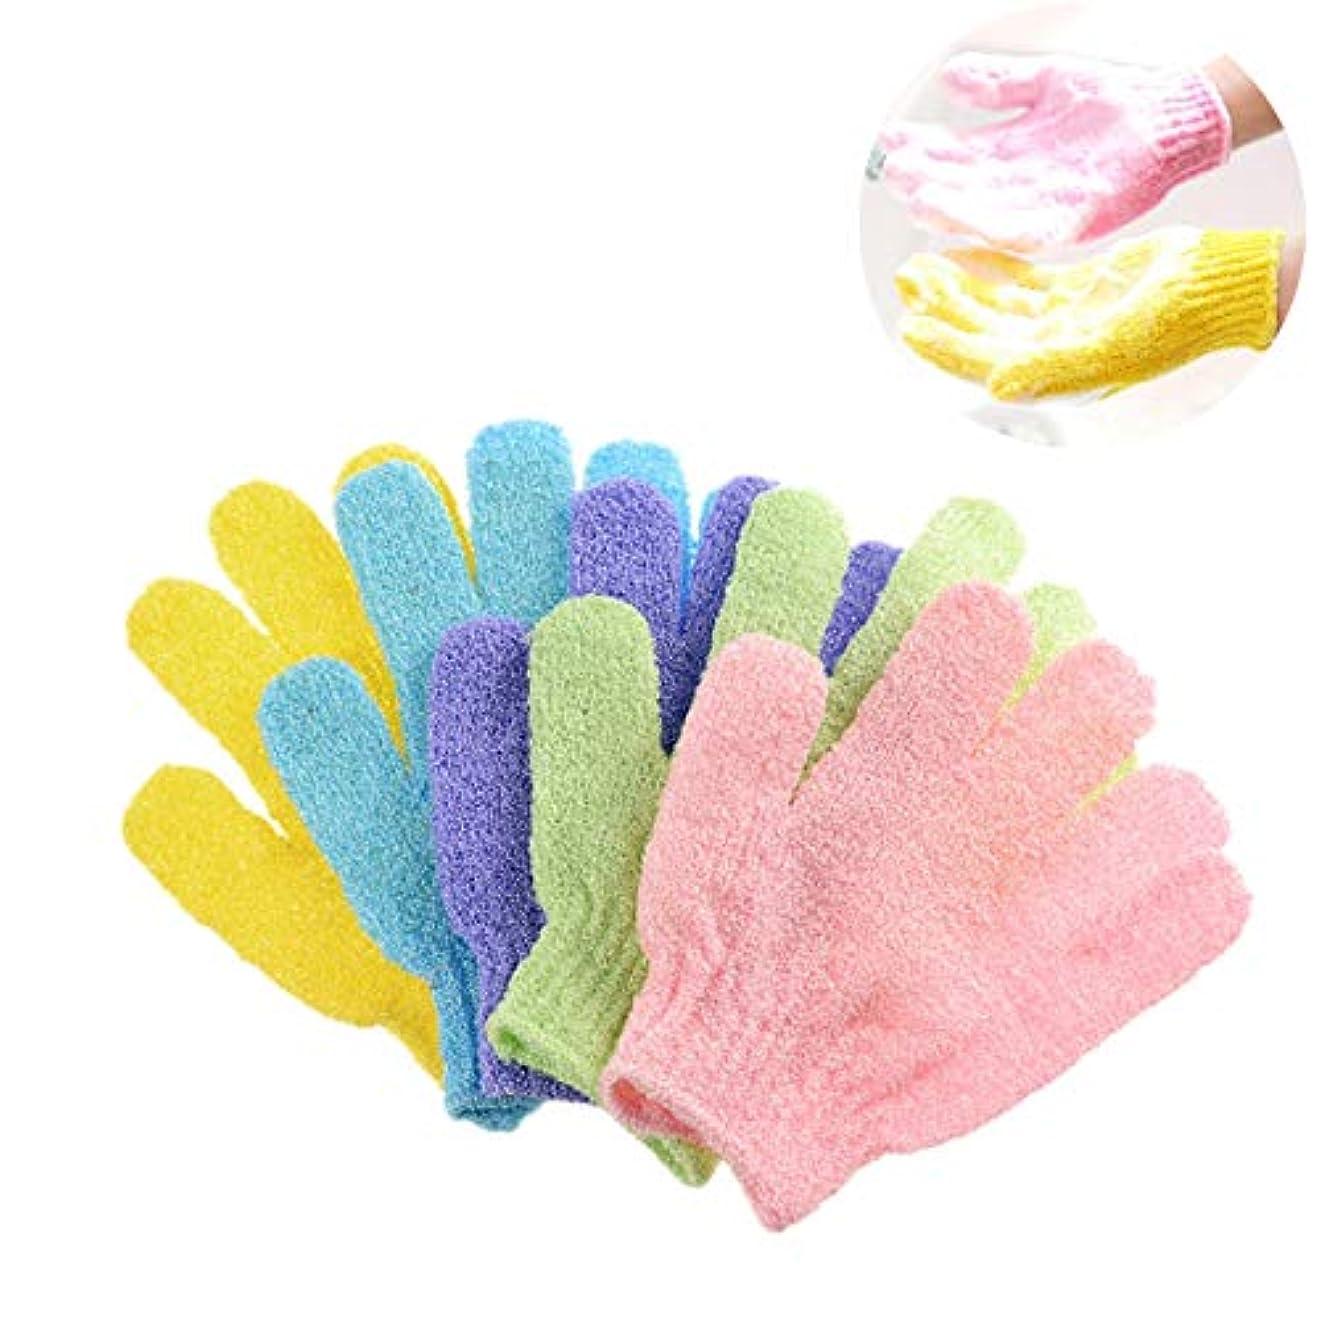 適格どっちでもスポーツの試合を担当している人Kingsie 浴用手袋 10枚セット(5ペア) ボディウォッシュ手袋 お風呂手袋 角質除去 角質取り 泡立ち 垢すり グローブ